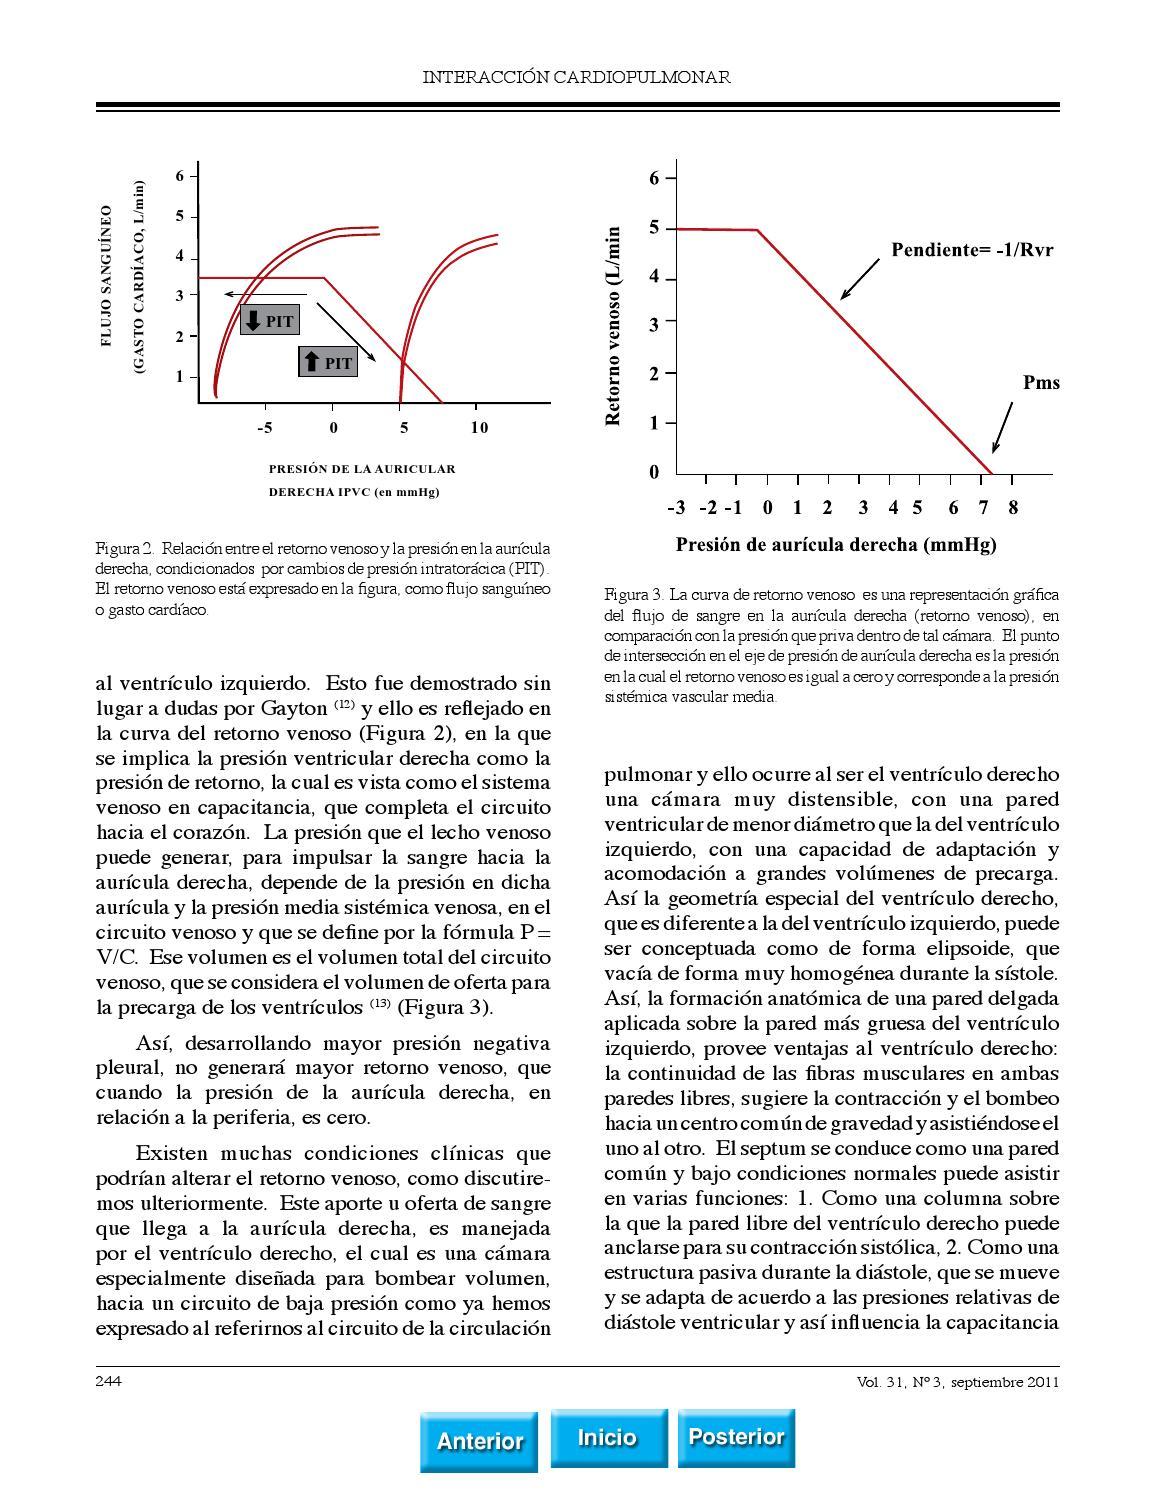 Circuito Vascular : Avances cardiologicos 31 3 2011 by avances cardiológicos issuu